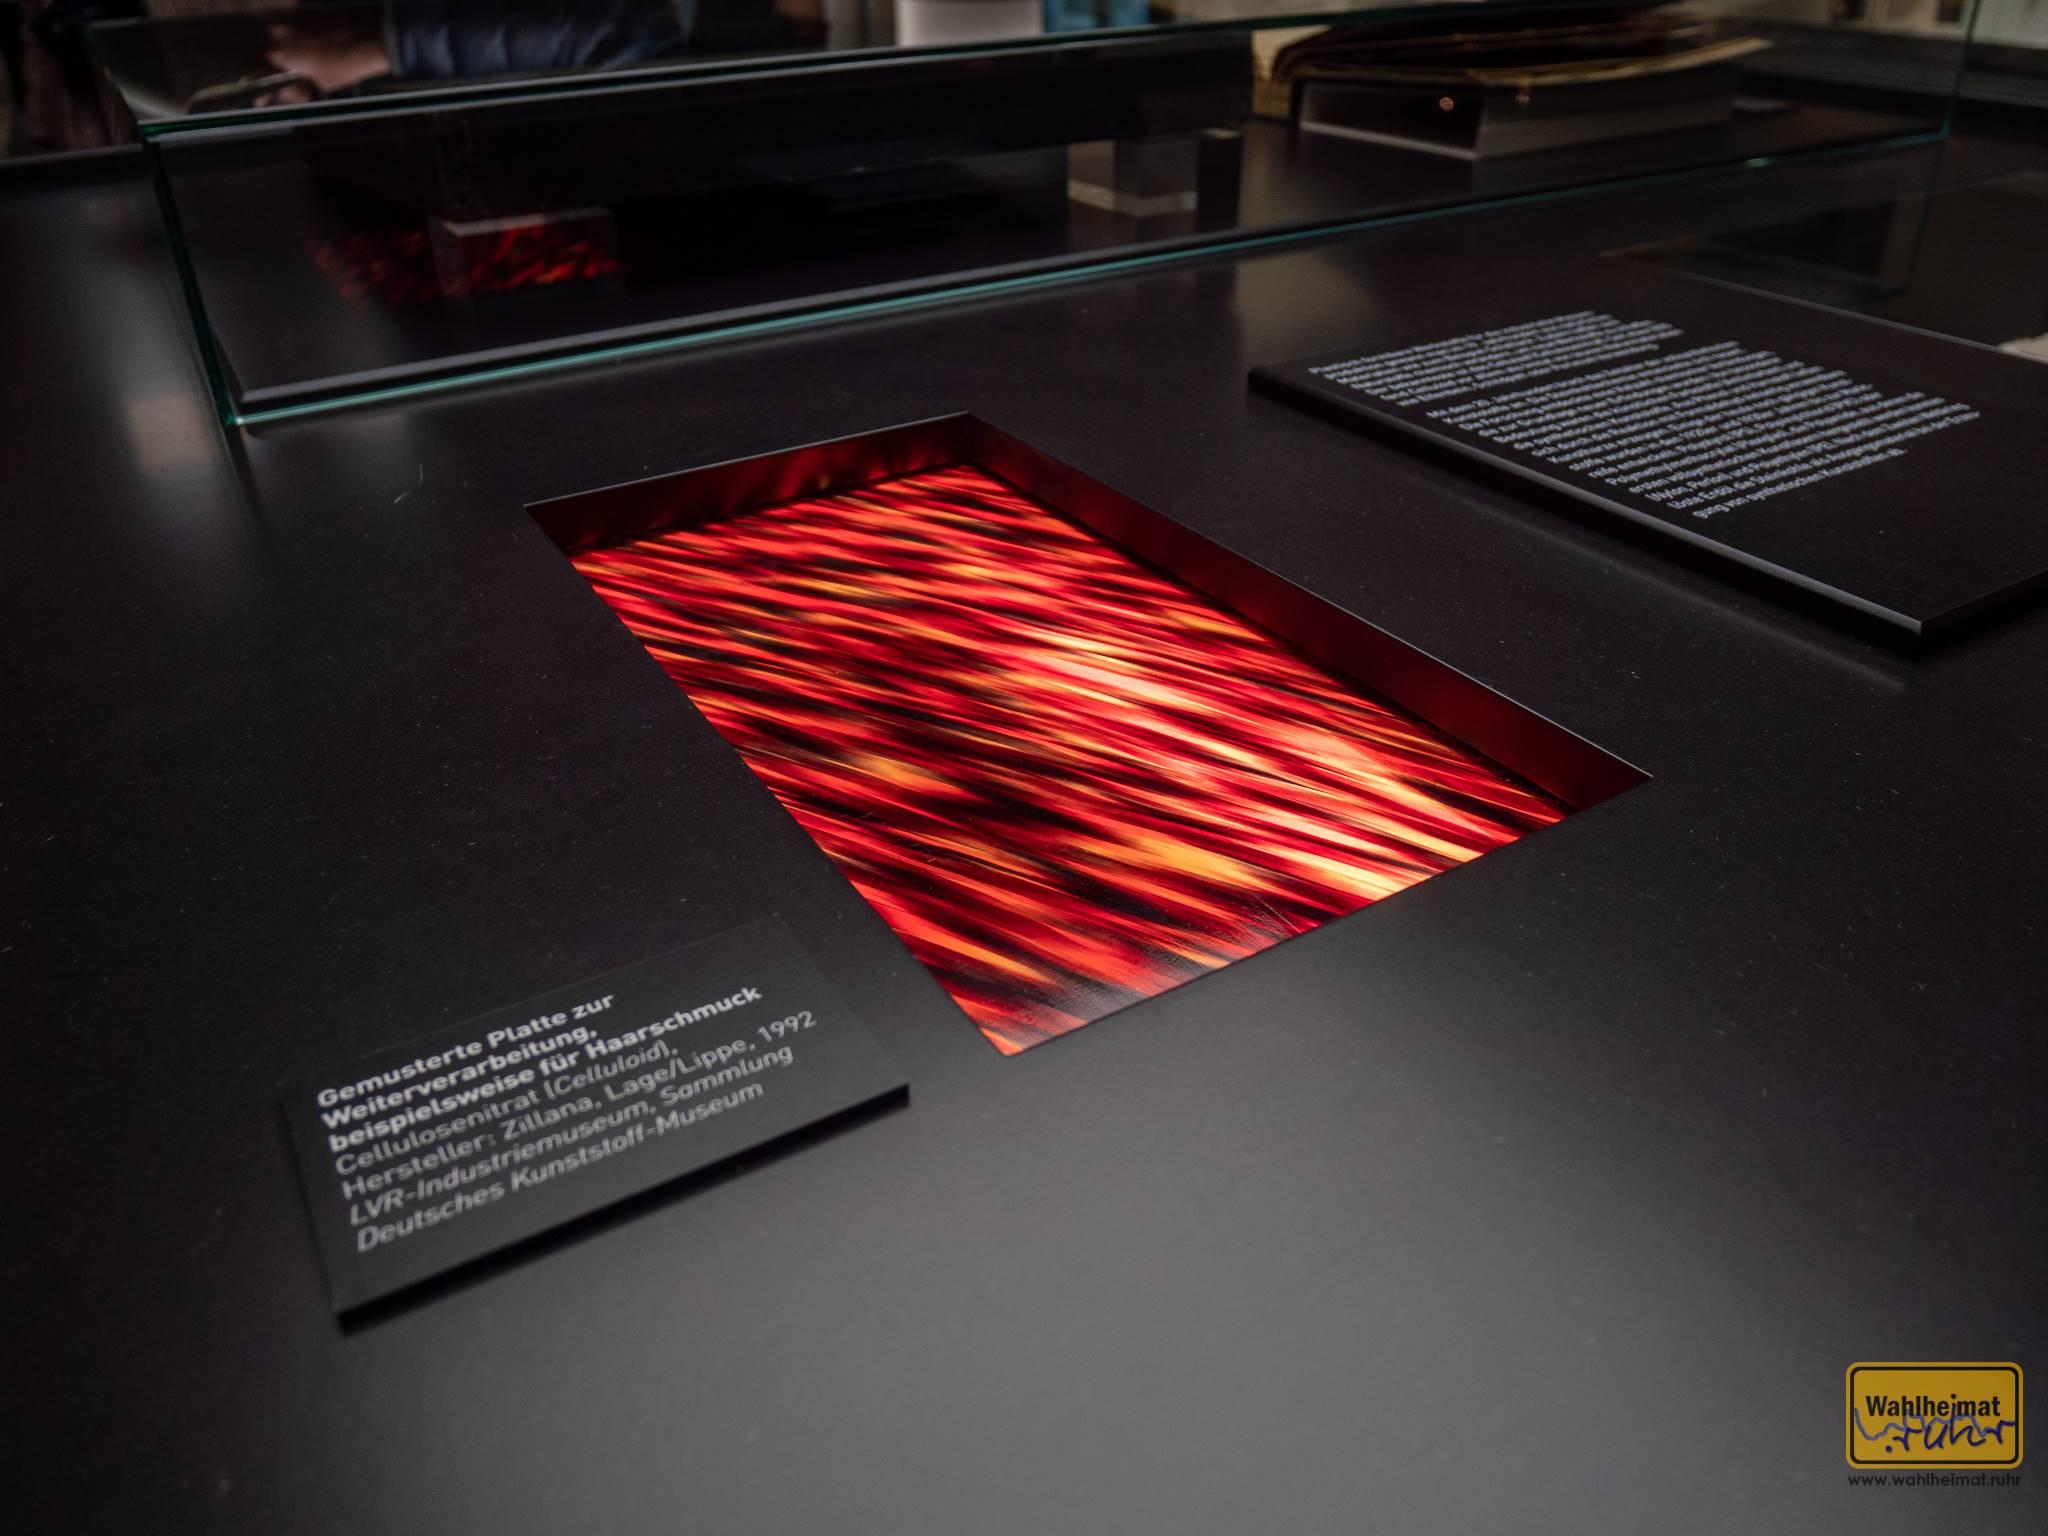 """Celluloid, gesehen in der aktuellen Ausstellung """"Nützlich und Schön: Produktdesign von 1920 bis 1940."""" in Oberhausen. Neue Werkstoffe schufen die Basis für immer neue Kreationen in den 20ern."""